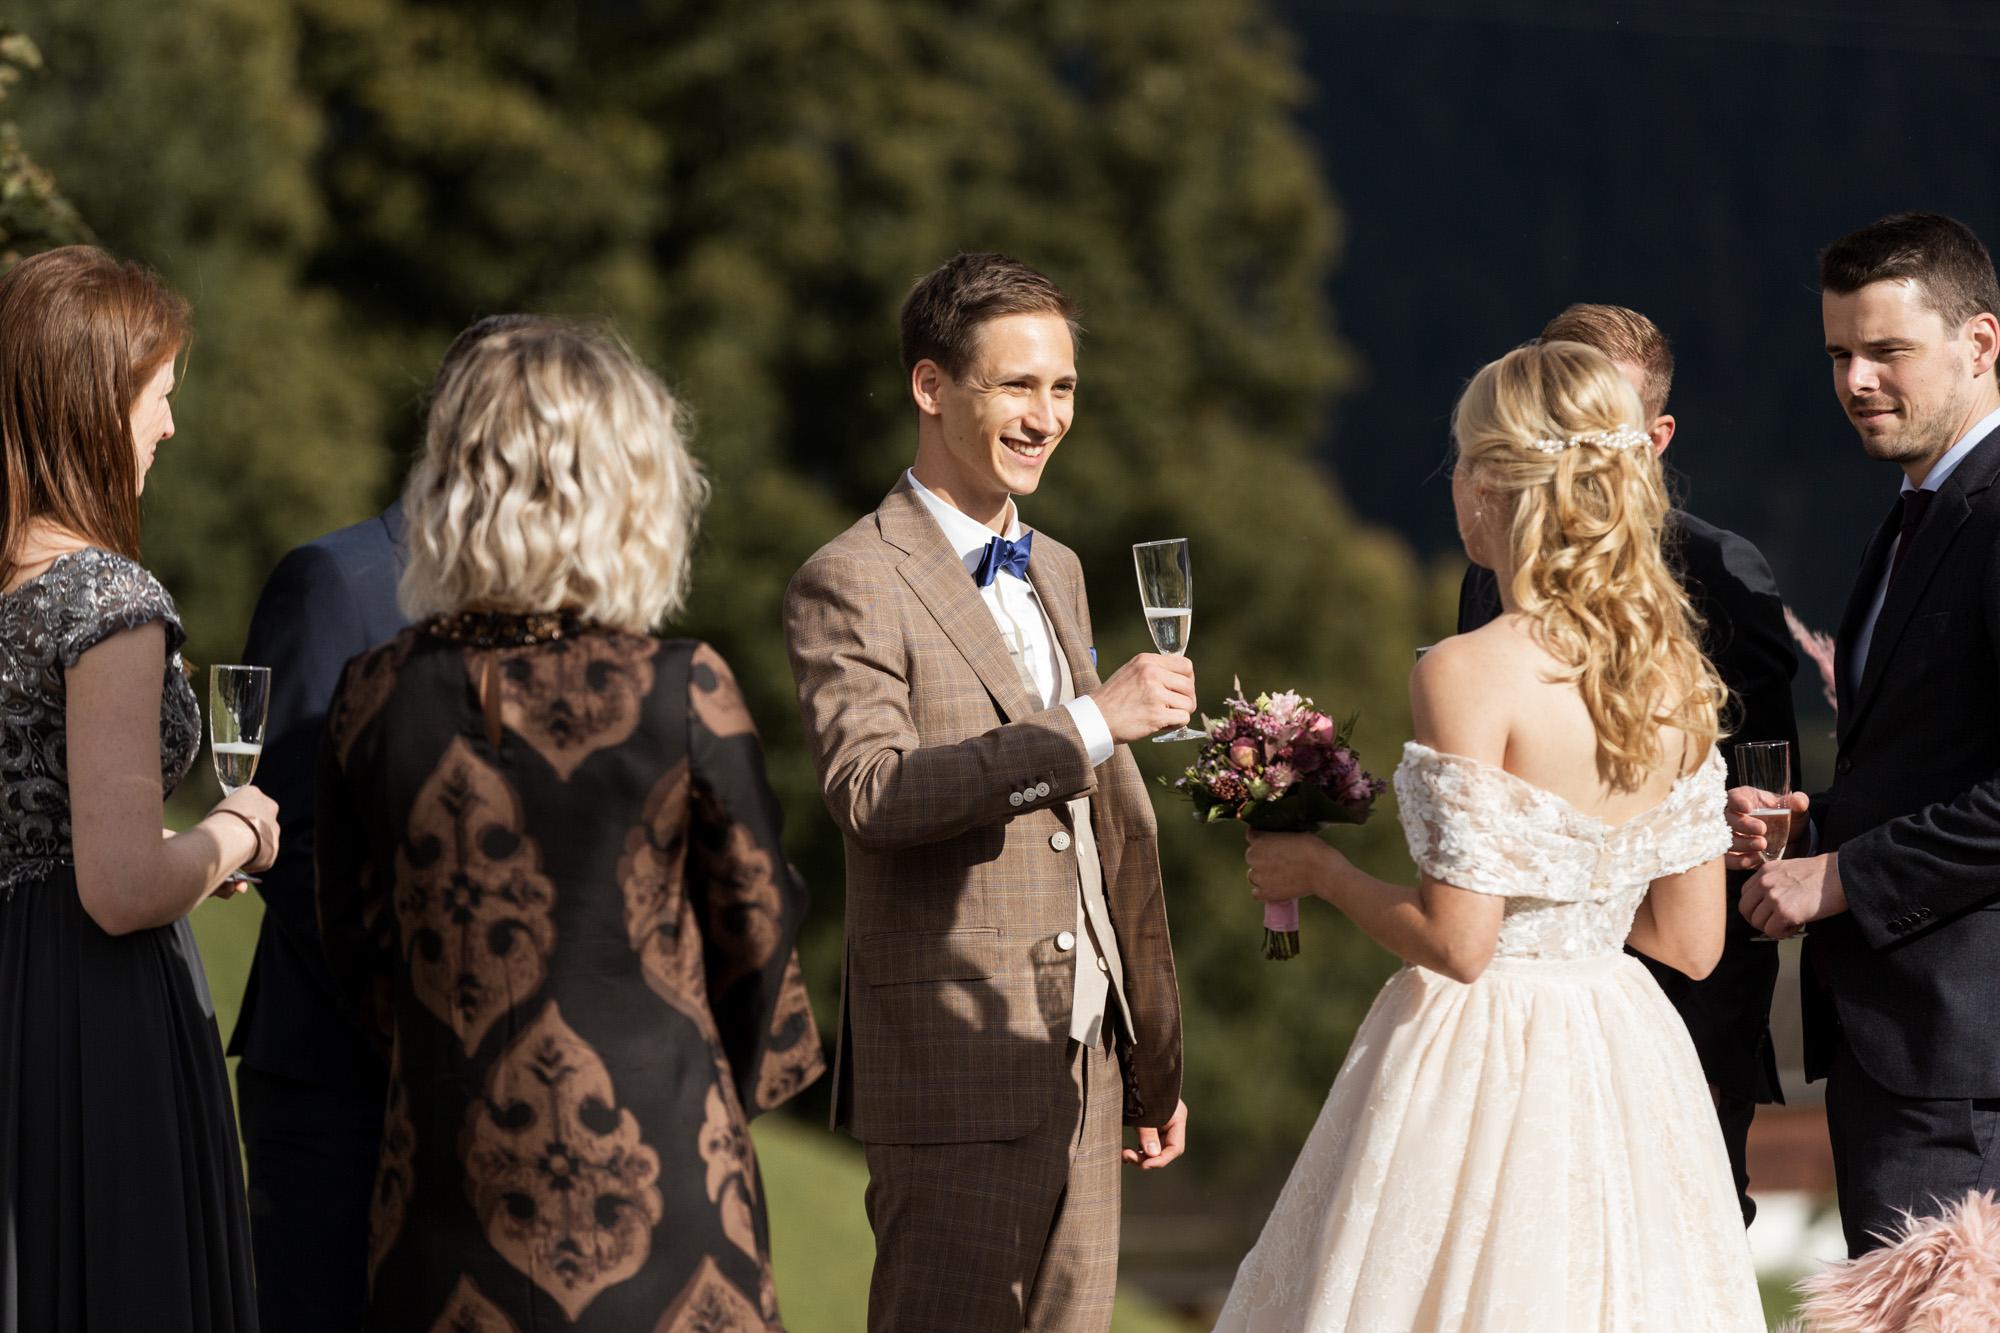 Die Hochzeitsgäste stossen mit Champagner an - Hochzeit in Grindelwald - Hochzeitsfotograf